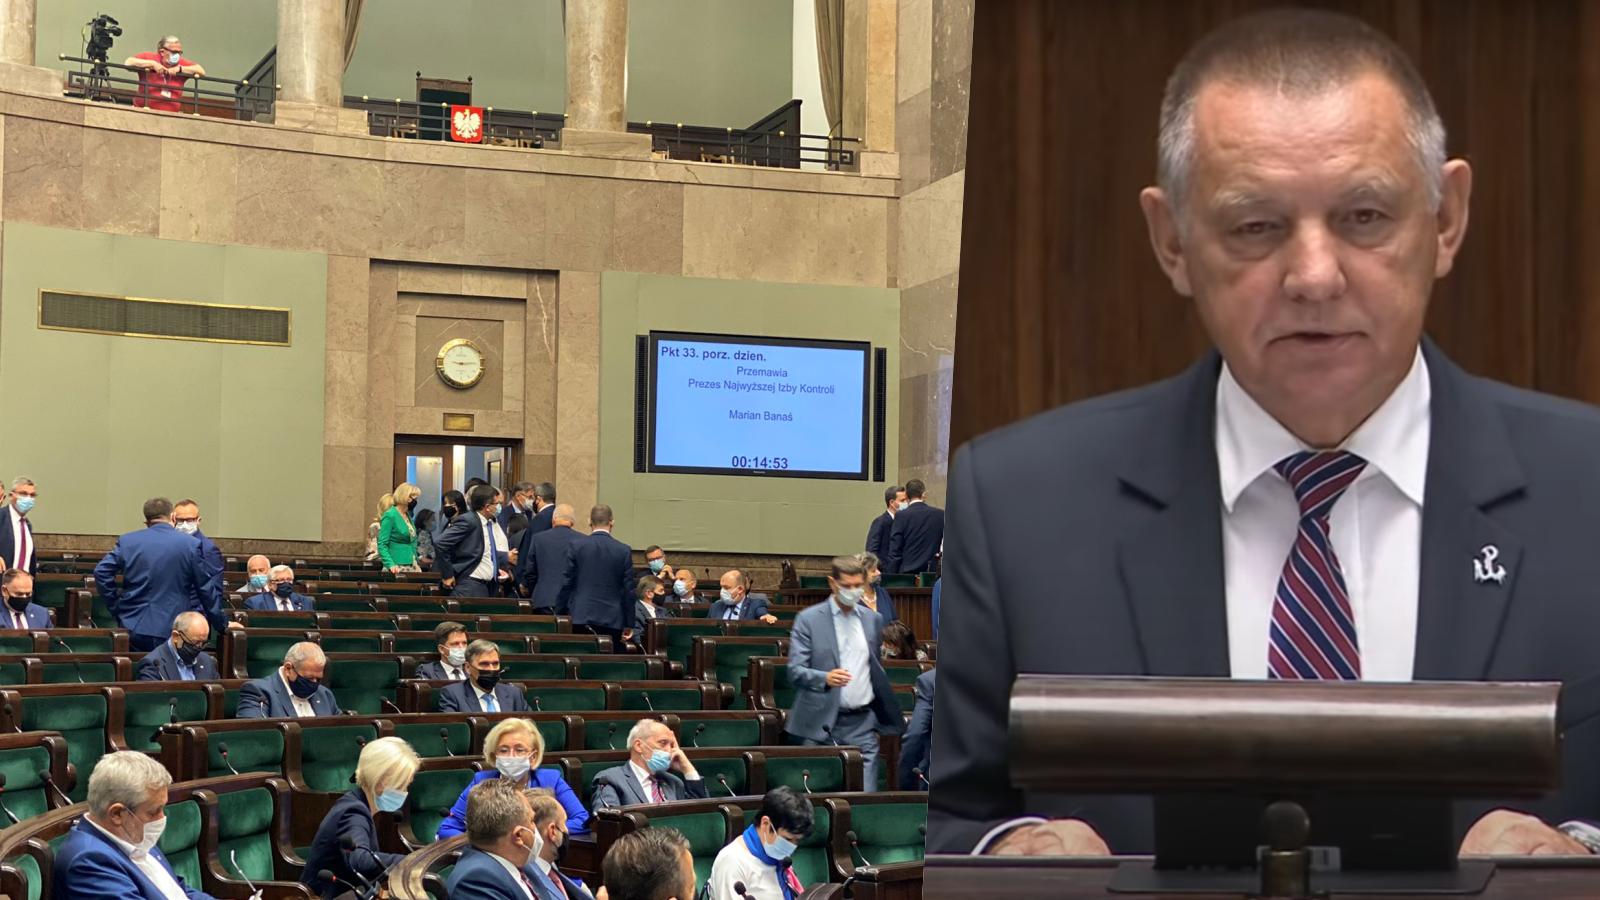 Posłowie PiS opuścili salę, gdy przemawiał Marian Banaś. Padły poważne zarzuty